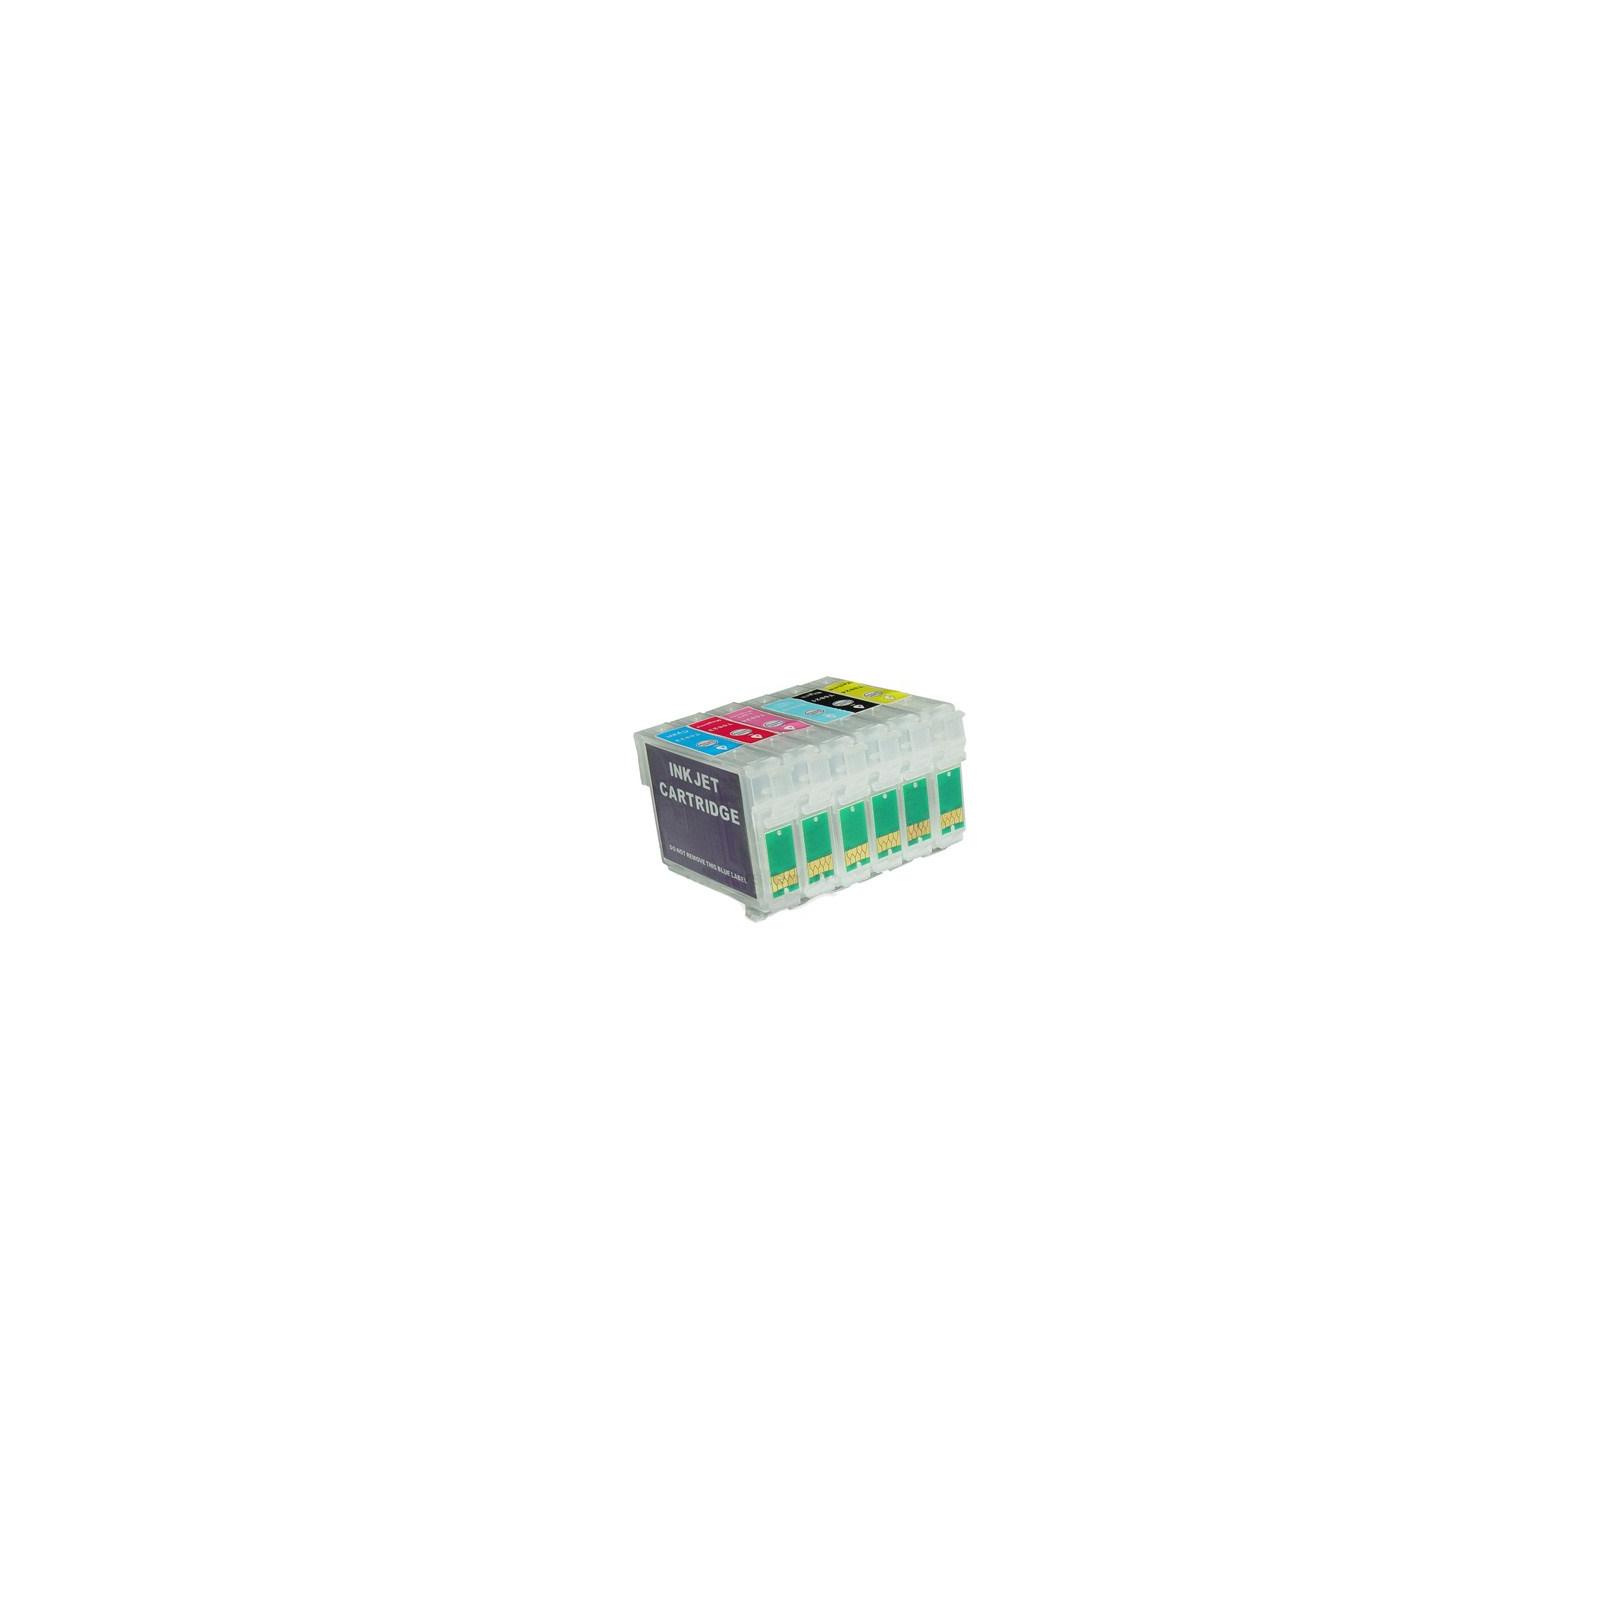 Комплект перезаправляемых картриджей IST Epson St C79/CX3900/CX4900/CX5900(ОЕМ) (Re-731-734new (C79/TX200))